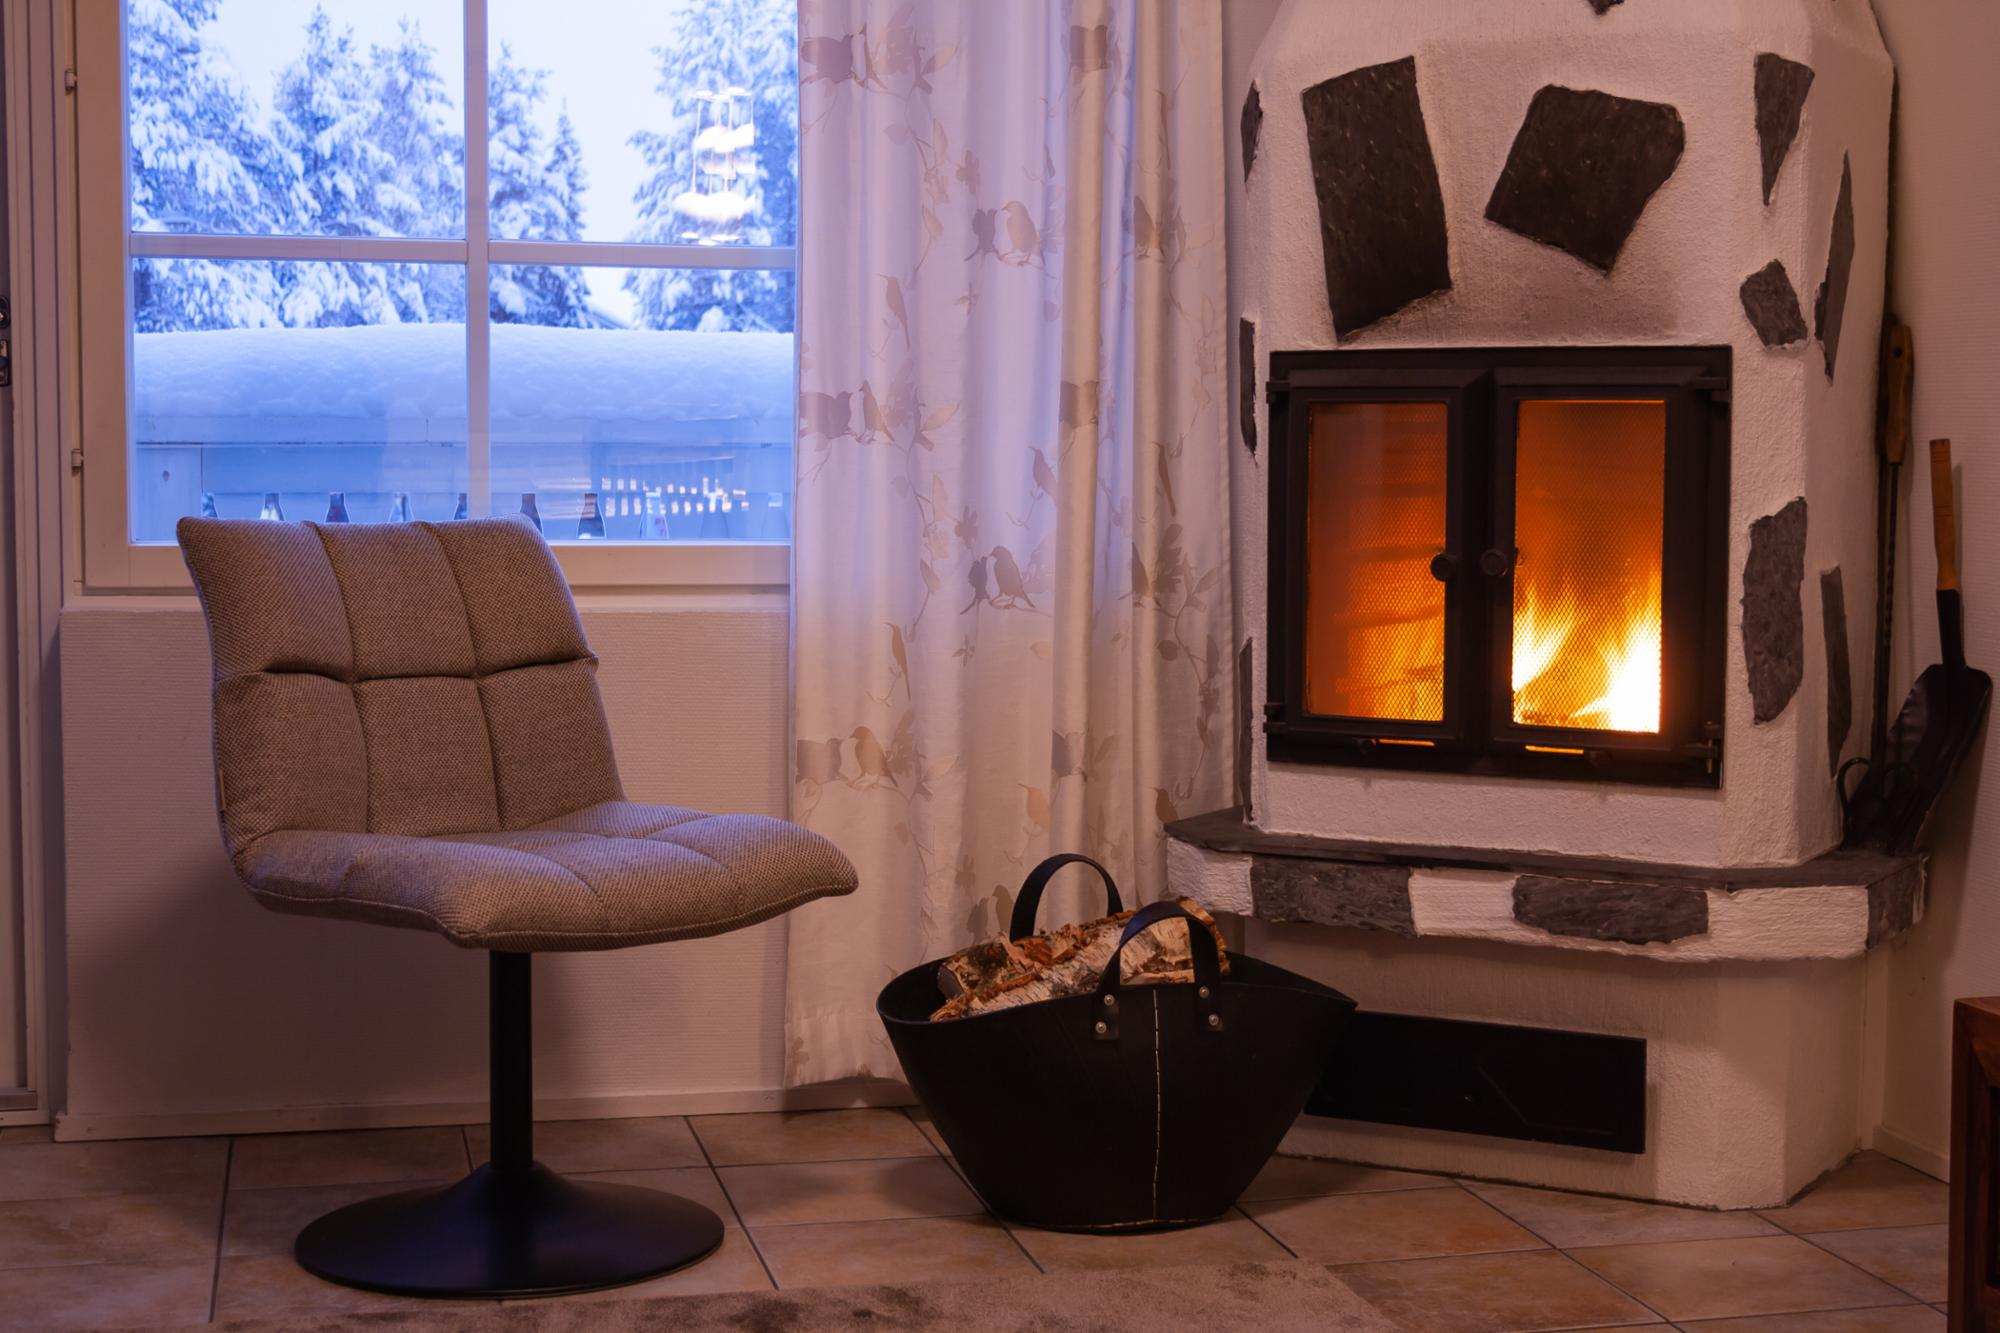 Alpine 2 bedrooms, 4 persons